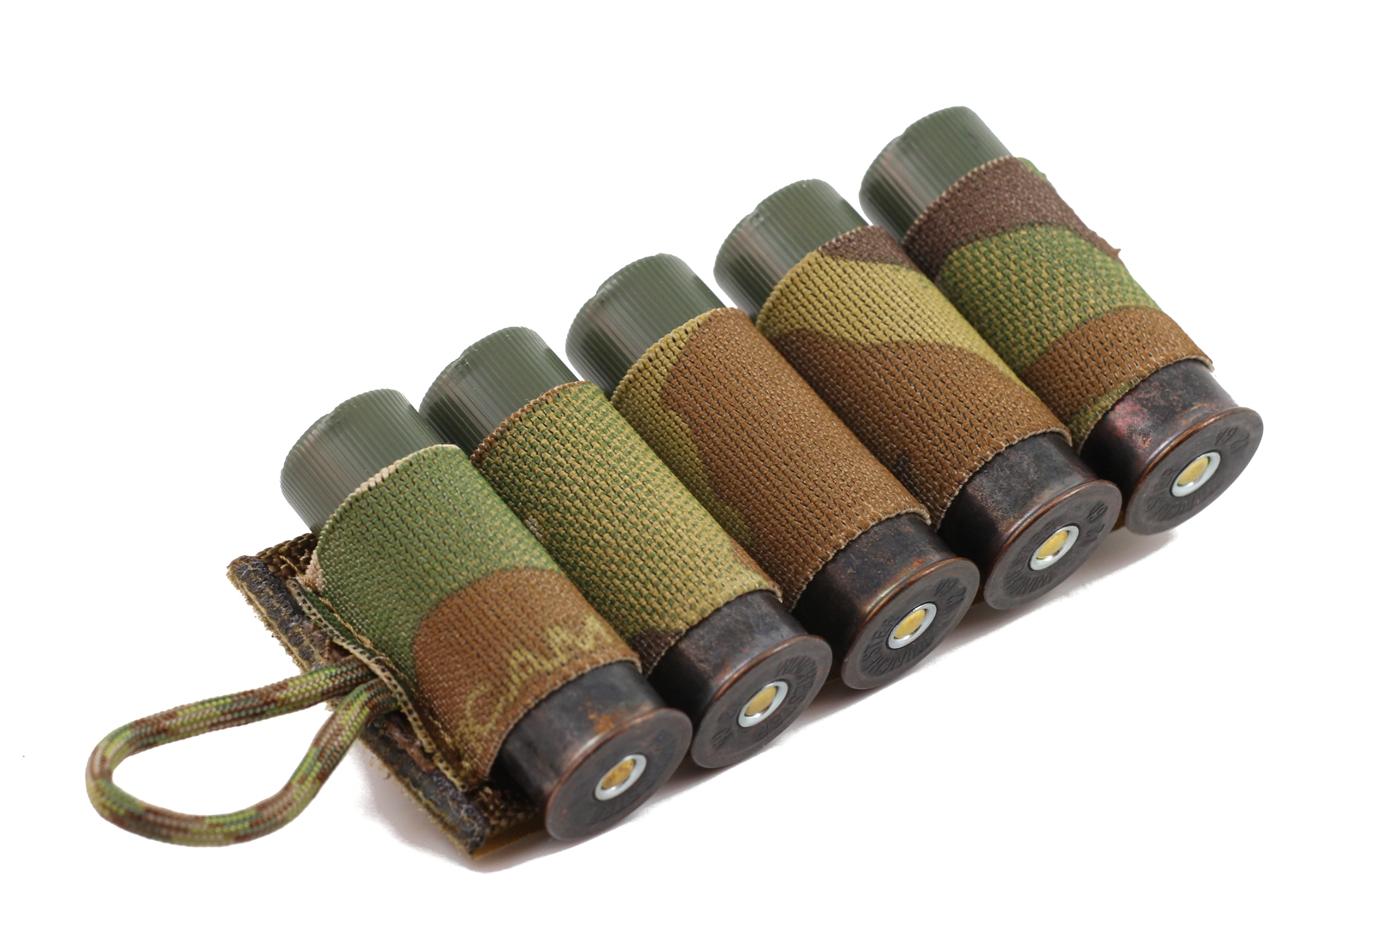 Esstac Shotgun Card-4rd 5rd 6rd or 7rd-Multicam-Coyote-Olive Drab-Black